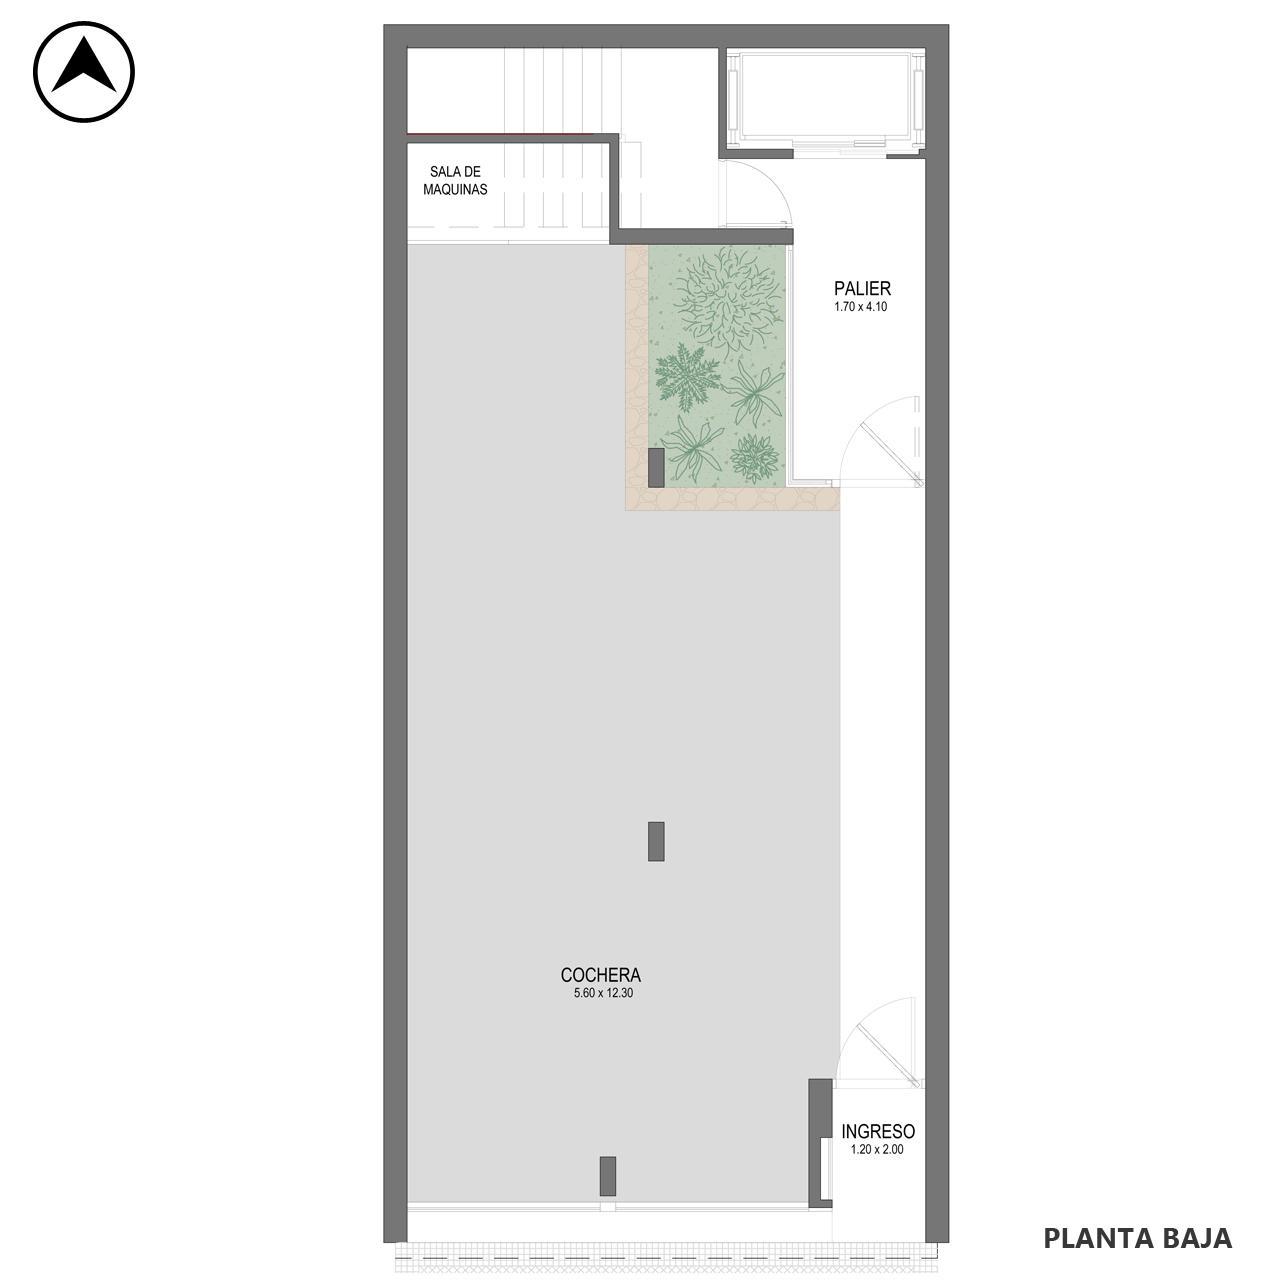 Venta departamento 2 dormitorios Rosario, Refinerias. Cod CBU12347 AP2307861. Crestale Propiedades